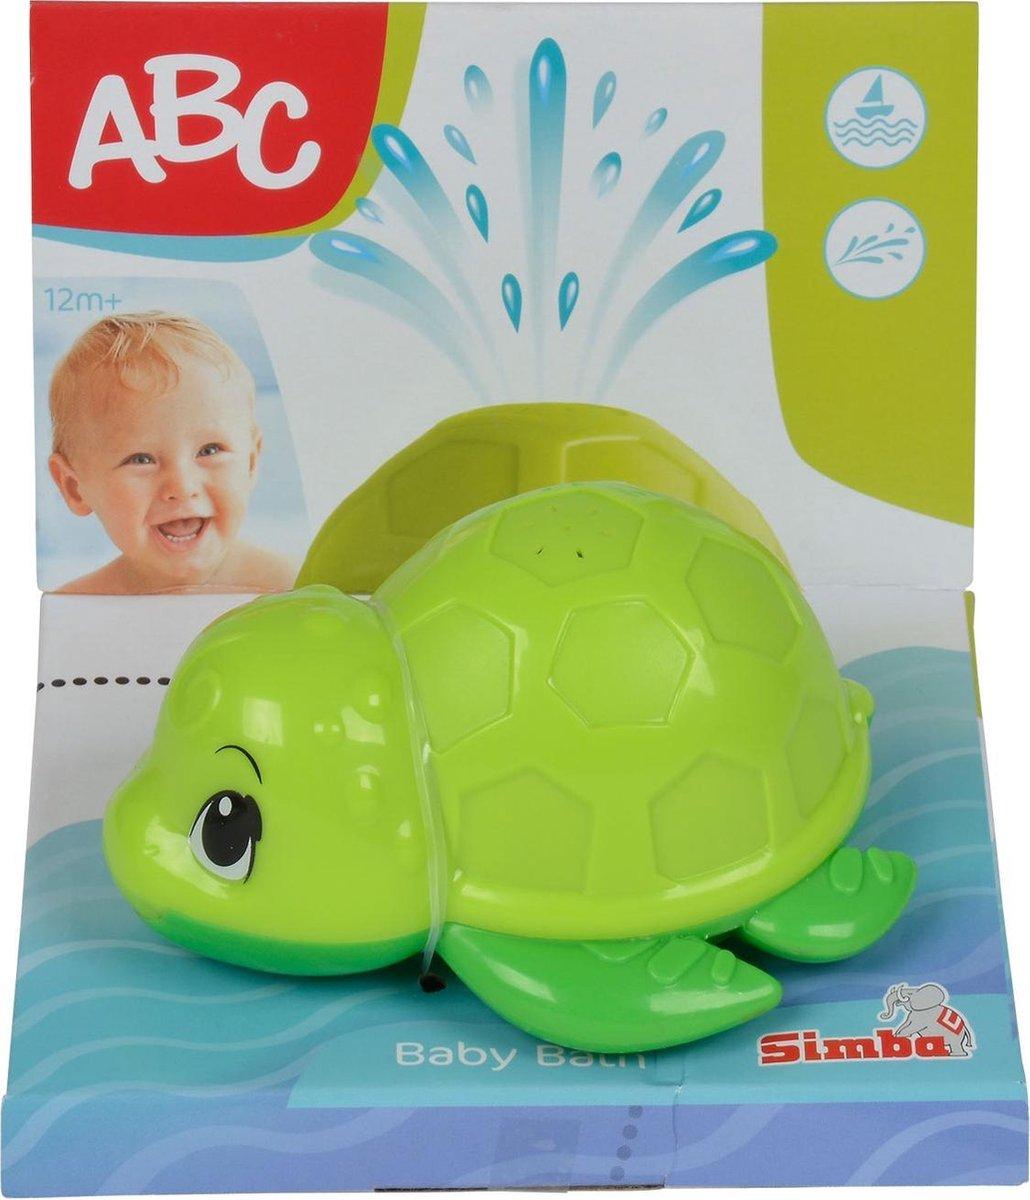 Simba - ABC Bad Schildpad - 12m+ - 11 cm - badspeelgoed